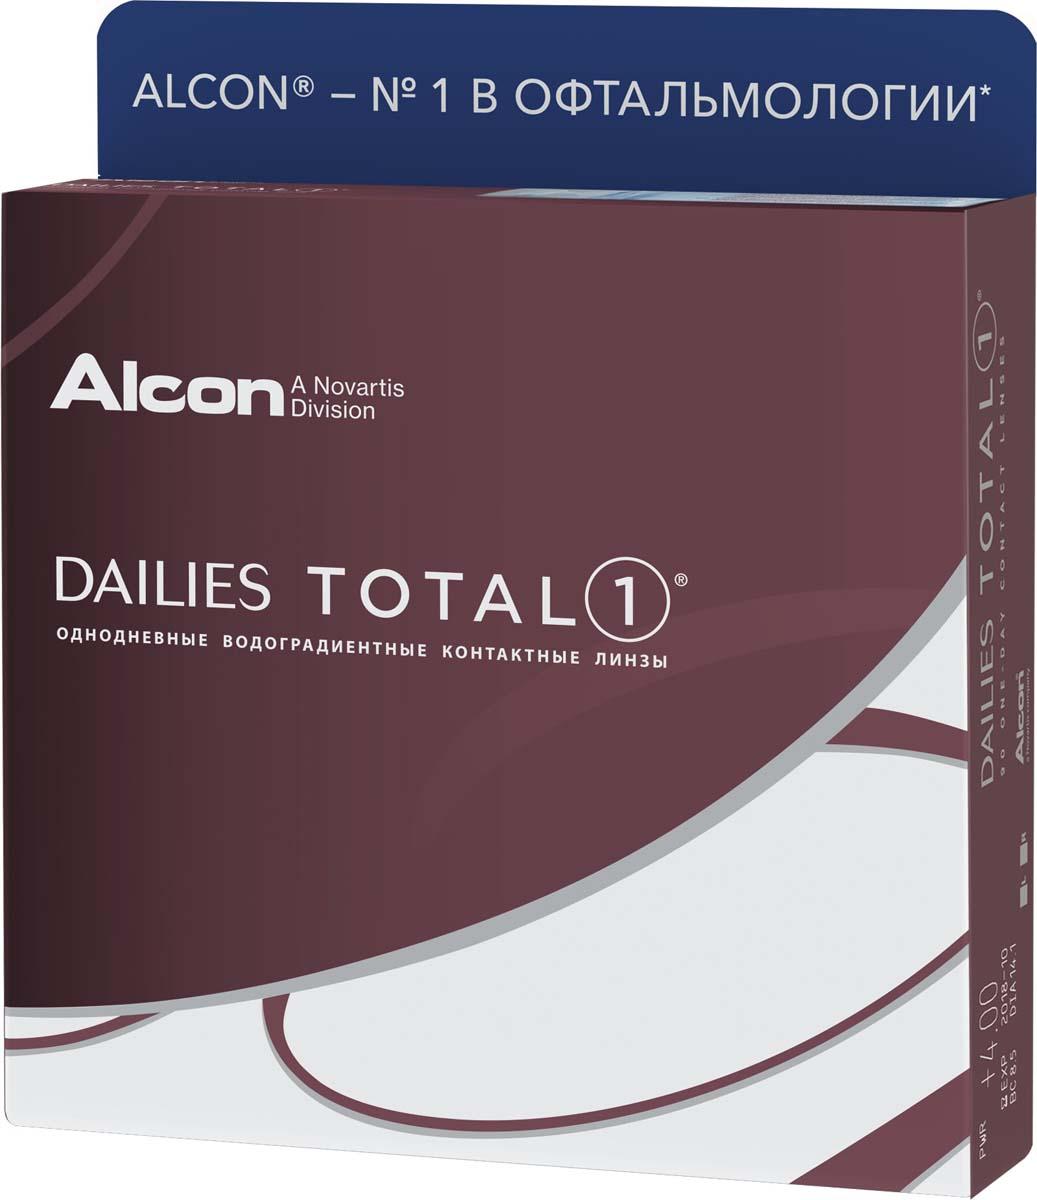 Аlcon Контактные линзы Dailies Total 90 шт /-0.50 /8.5 /14.1